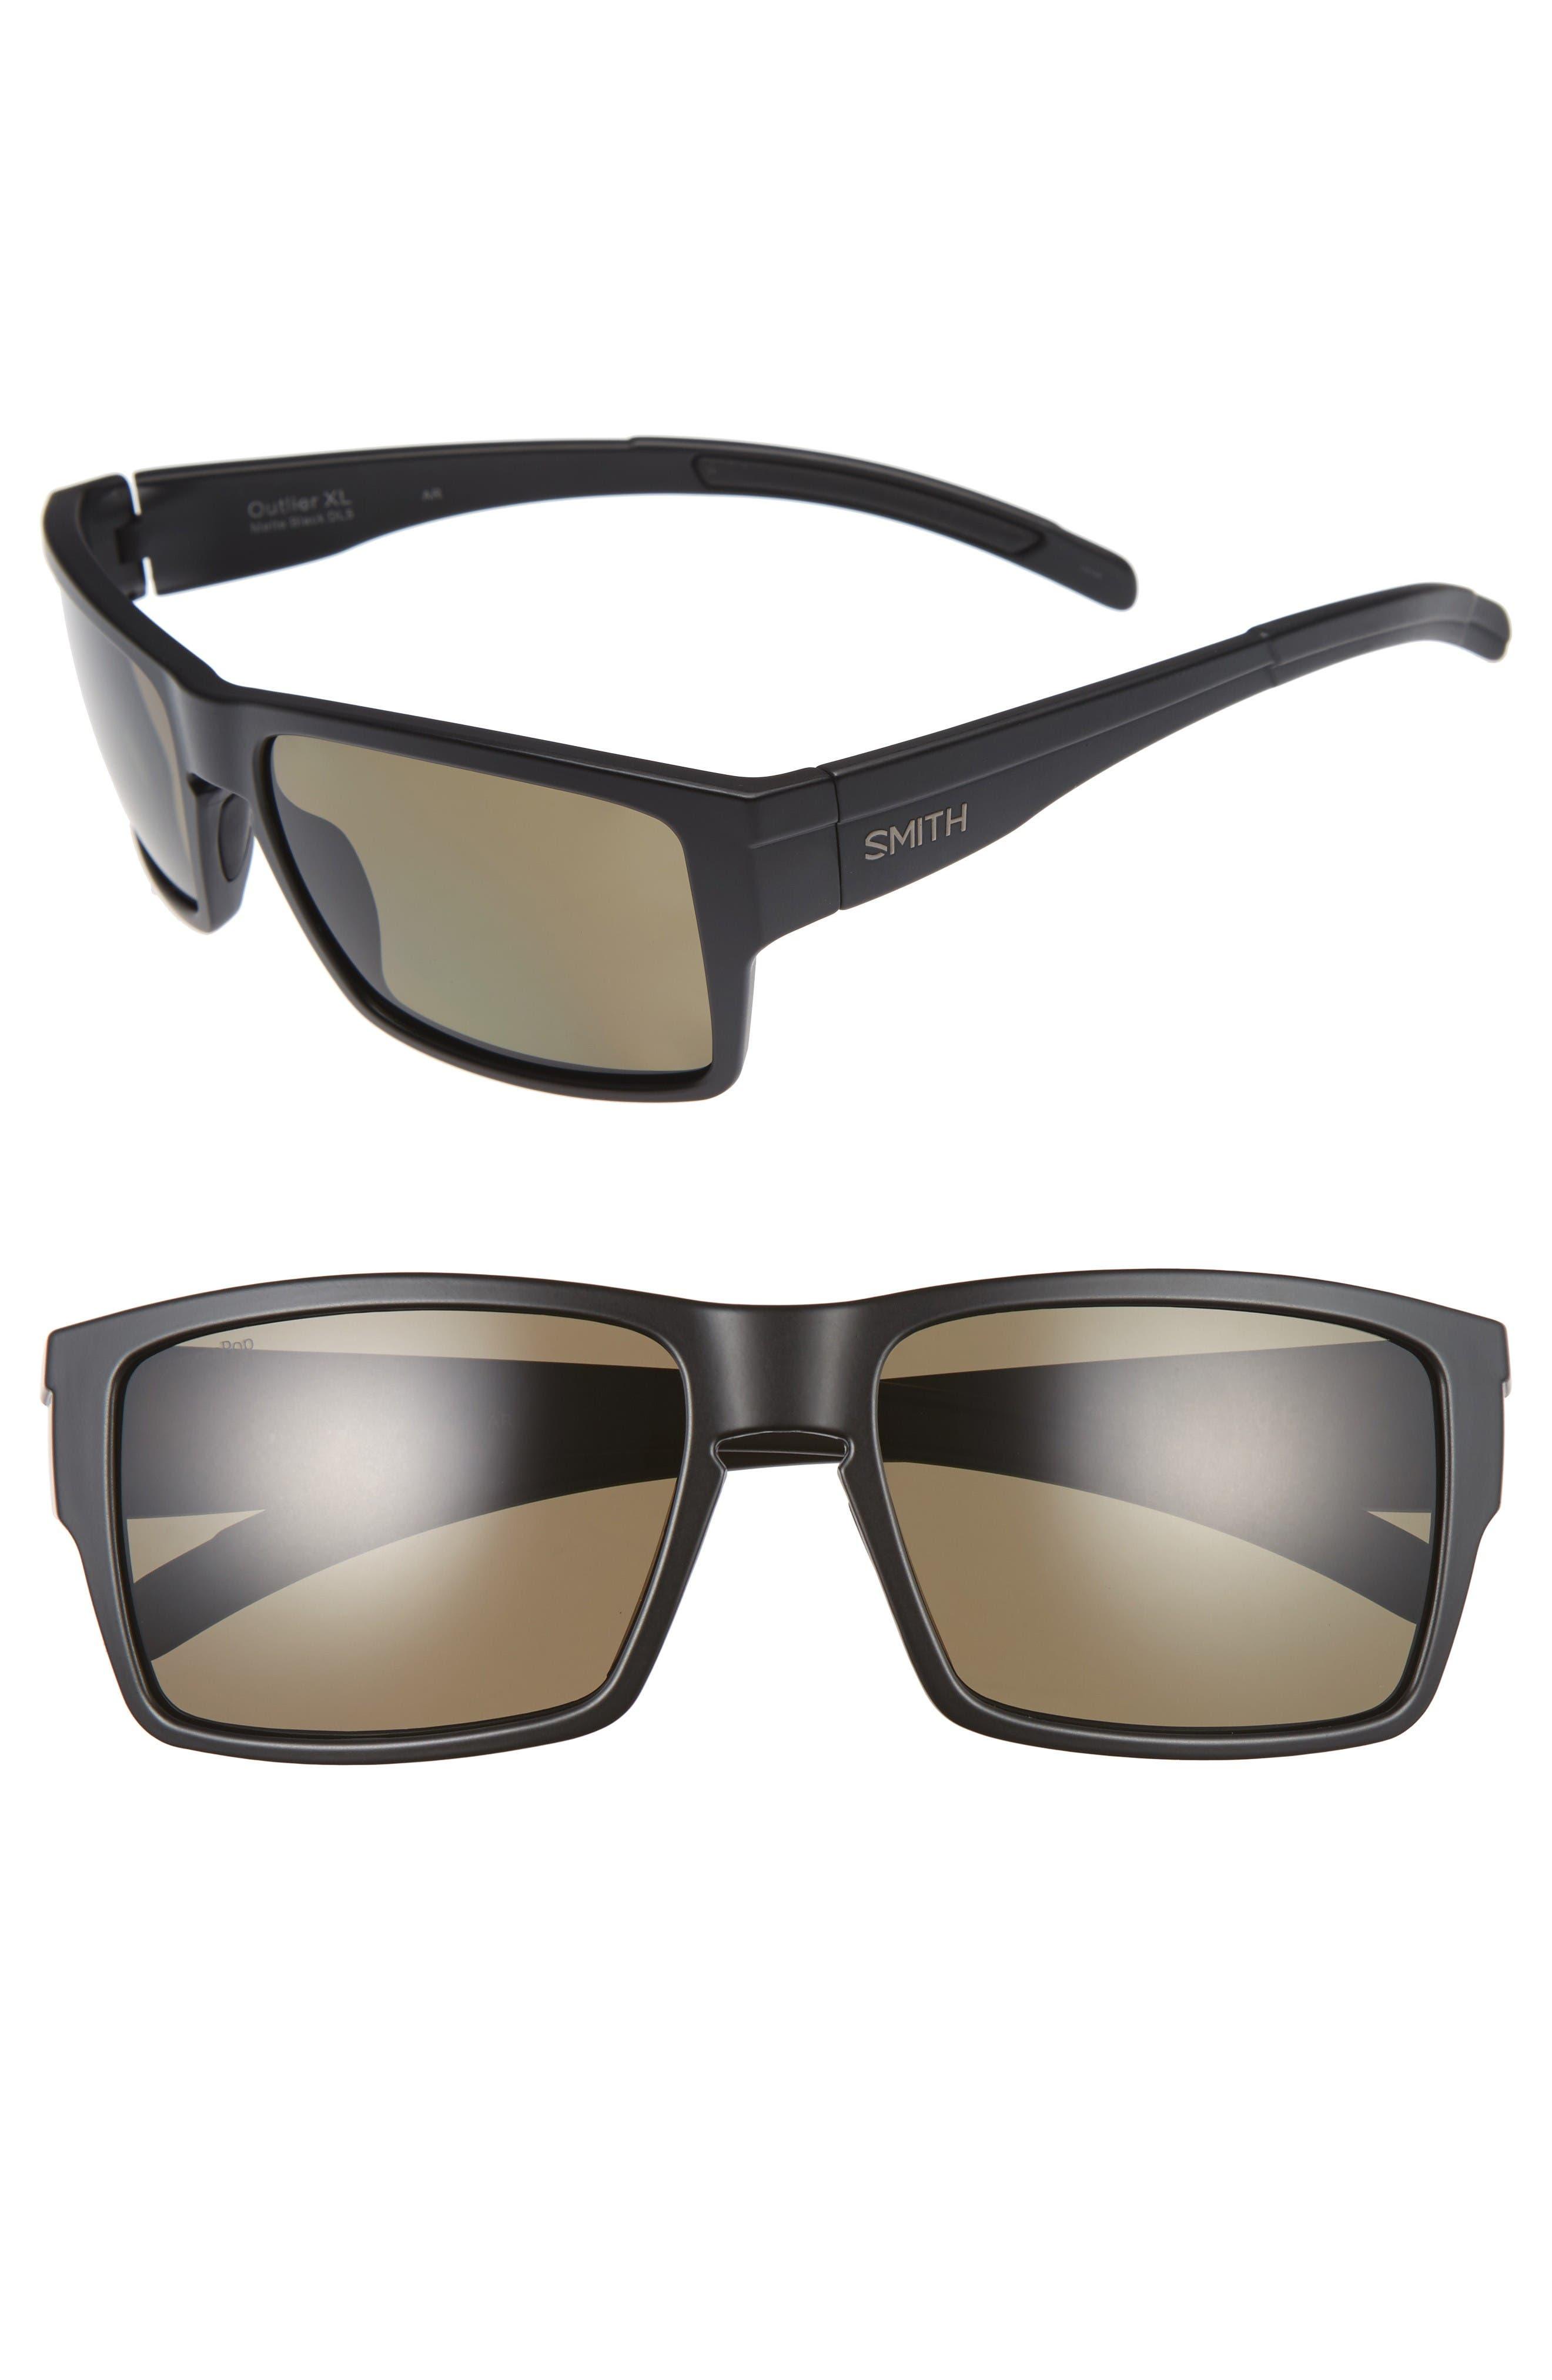 Outlier XL 58mm Polarized Sunglasses,                             Main thumbnail 1, color,                             Matte Black